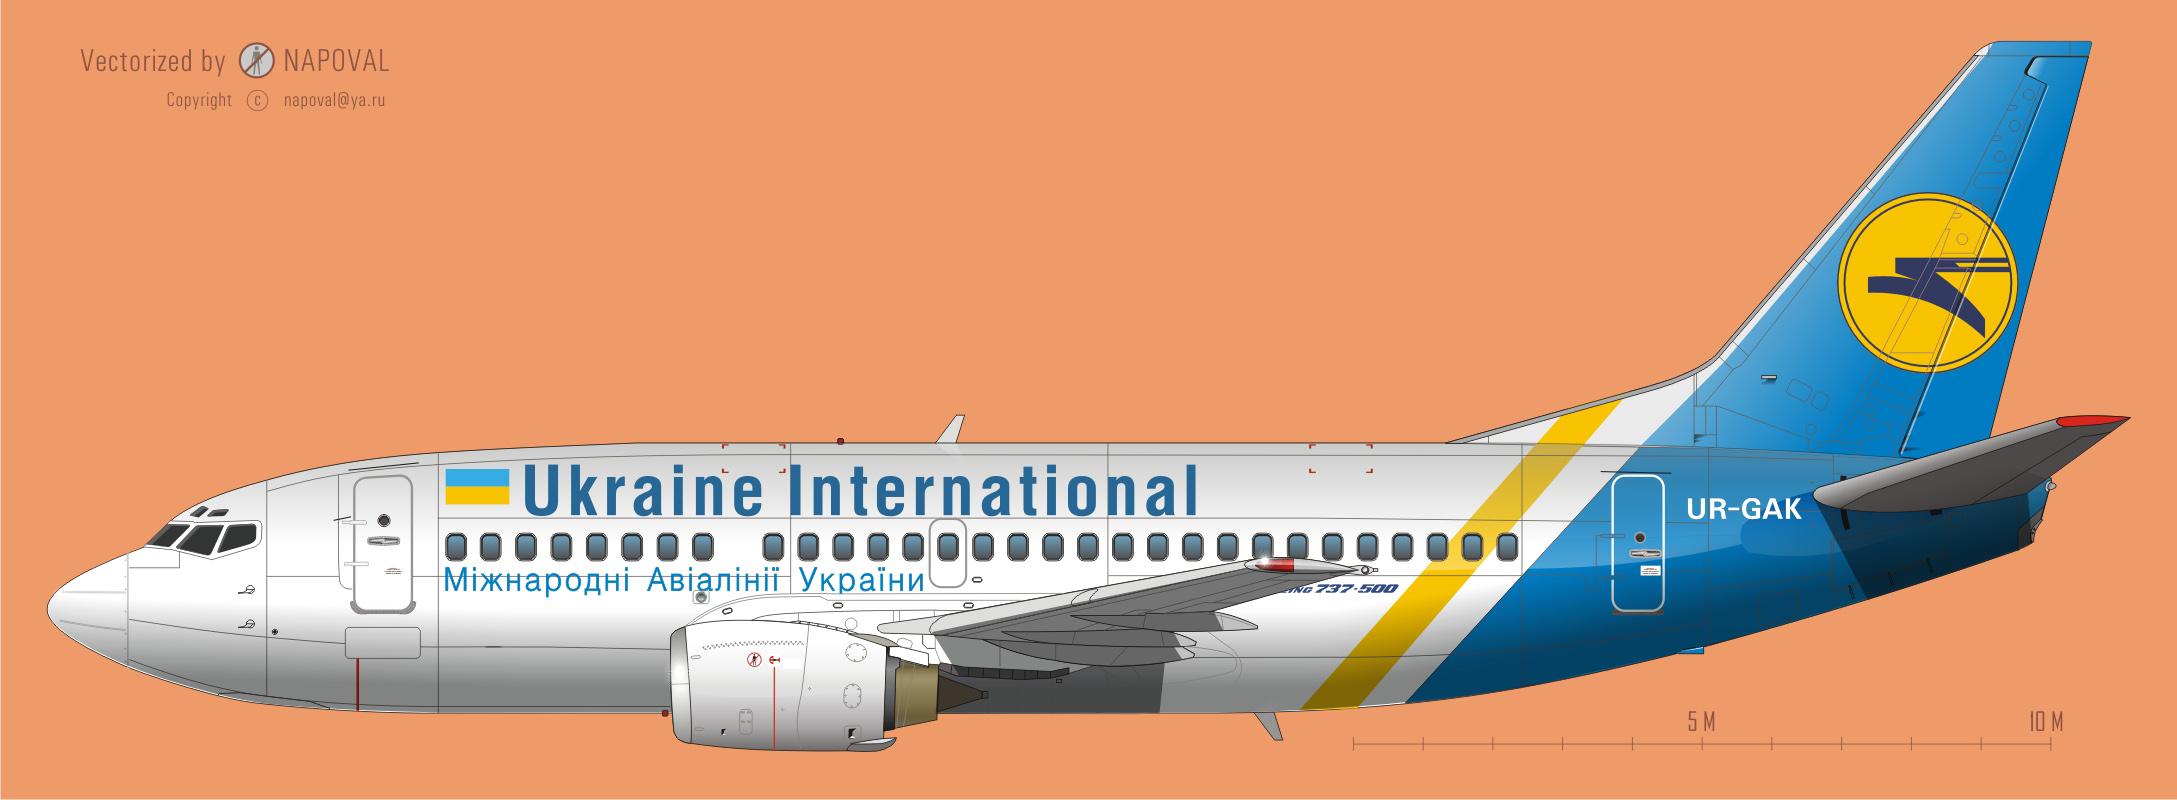 Боинг 737 нордавиа схема салона фото 444